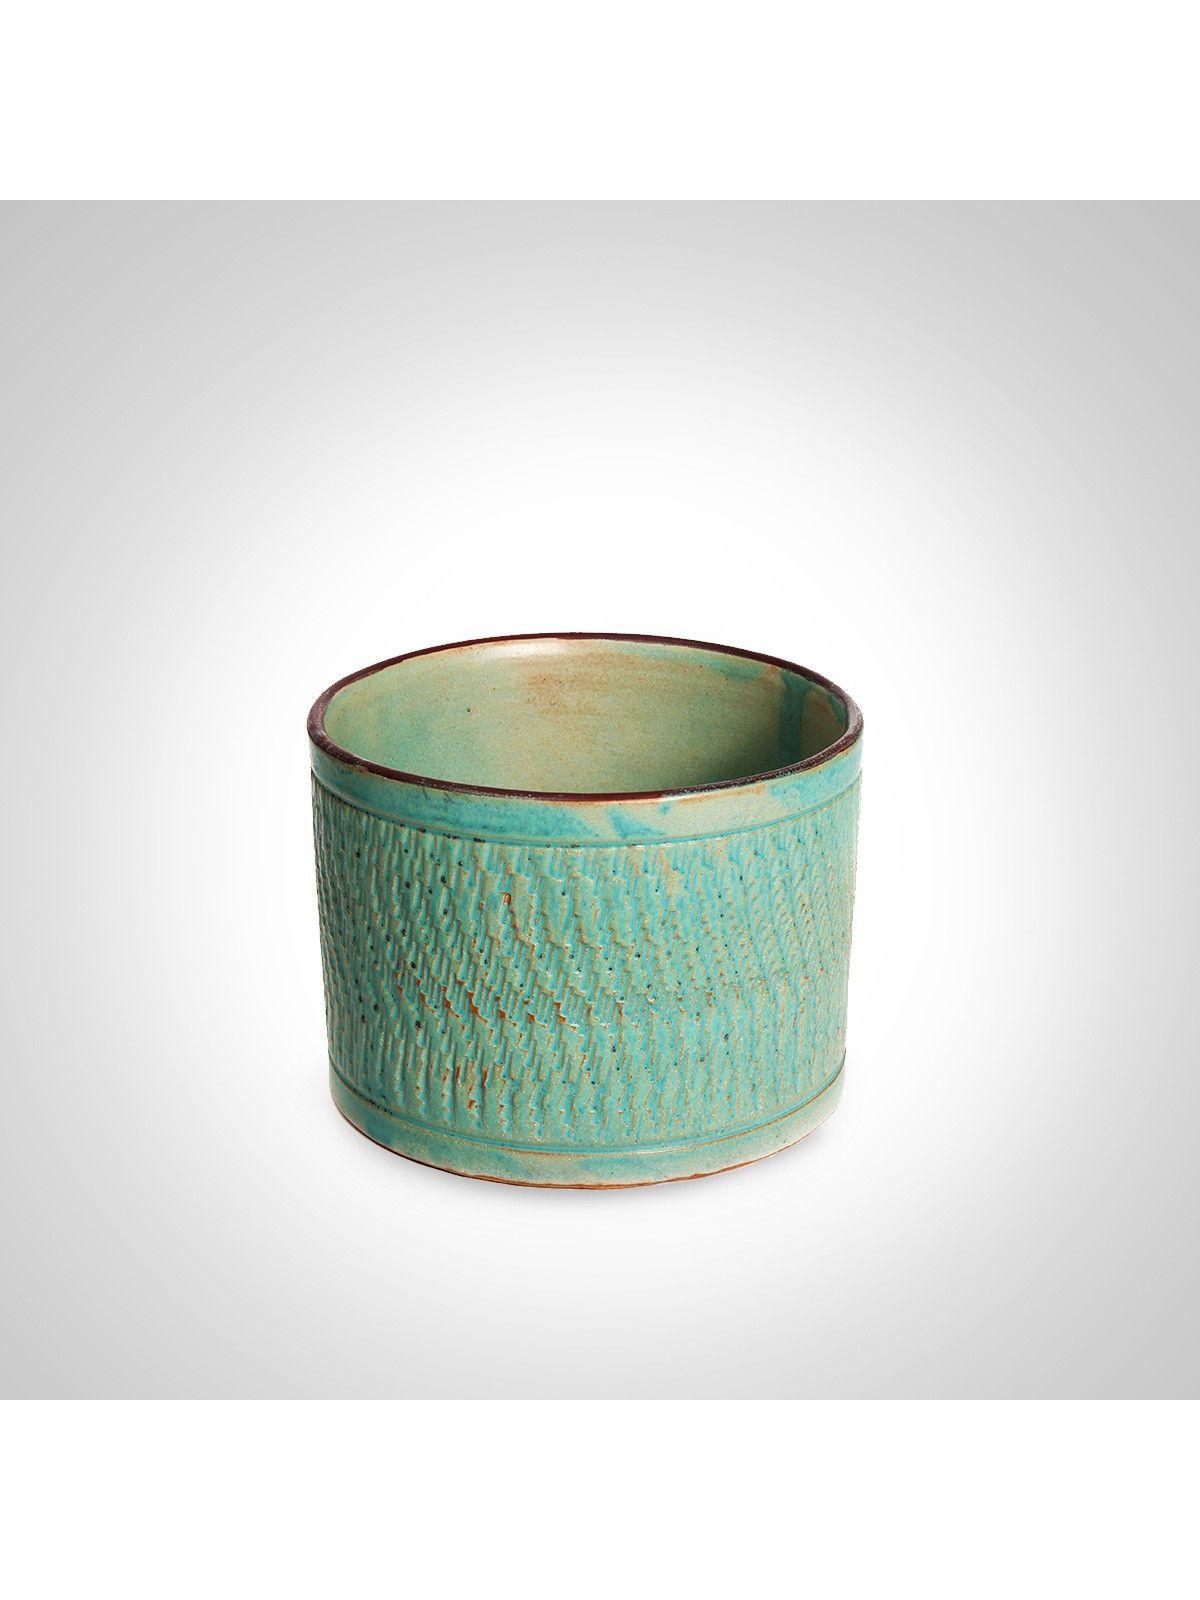 Green foliate ceramic keeper